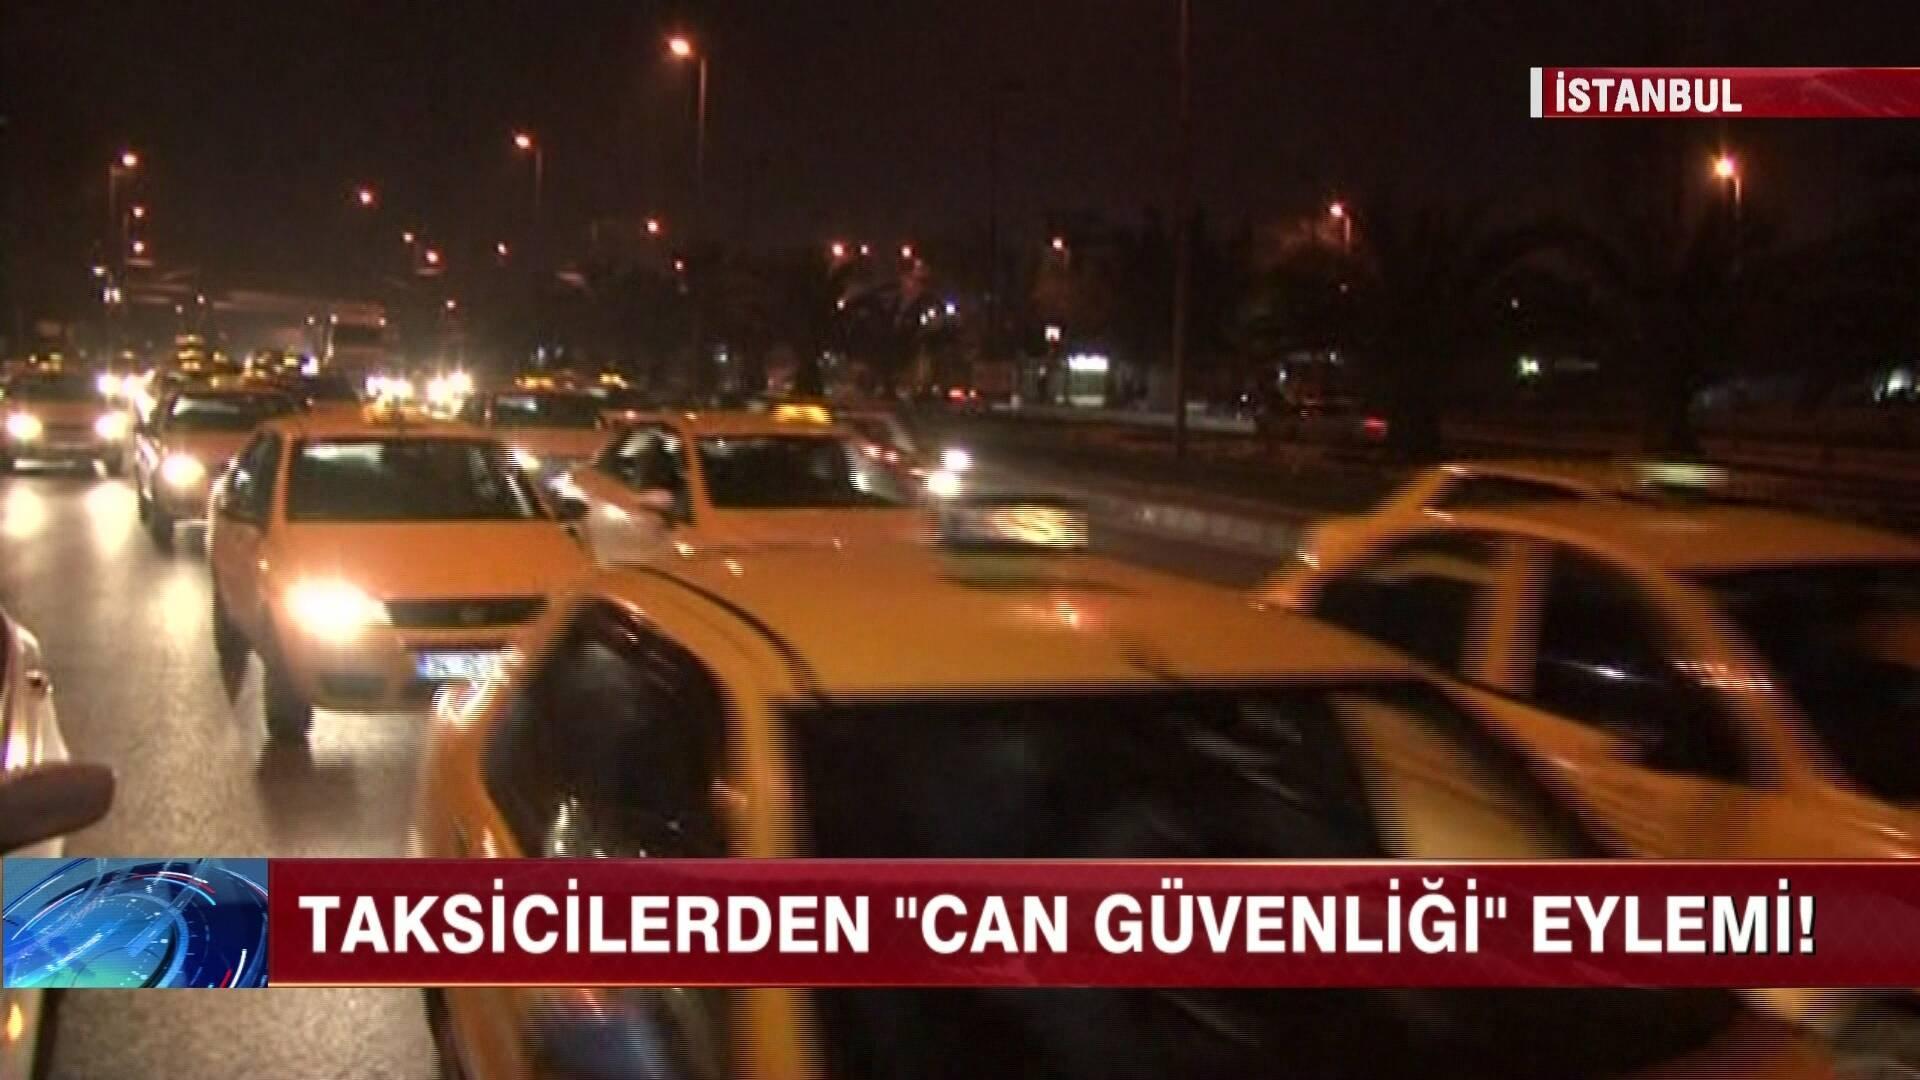 İstanbul'da sarı öfke!